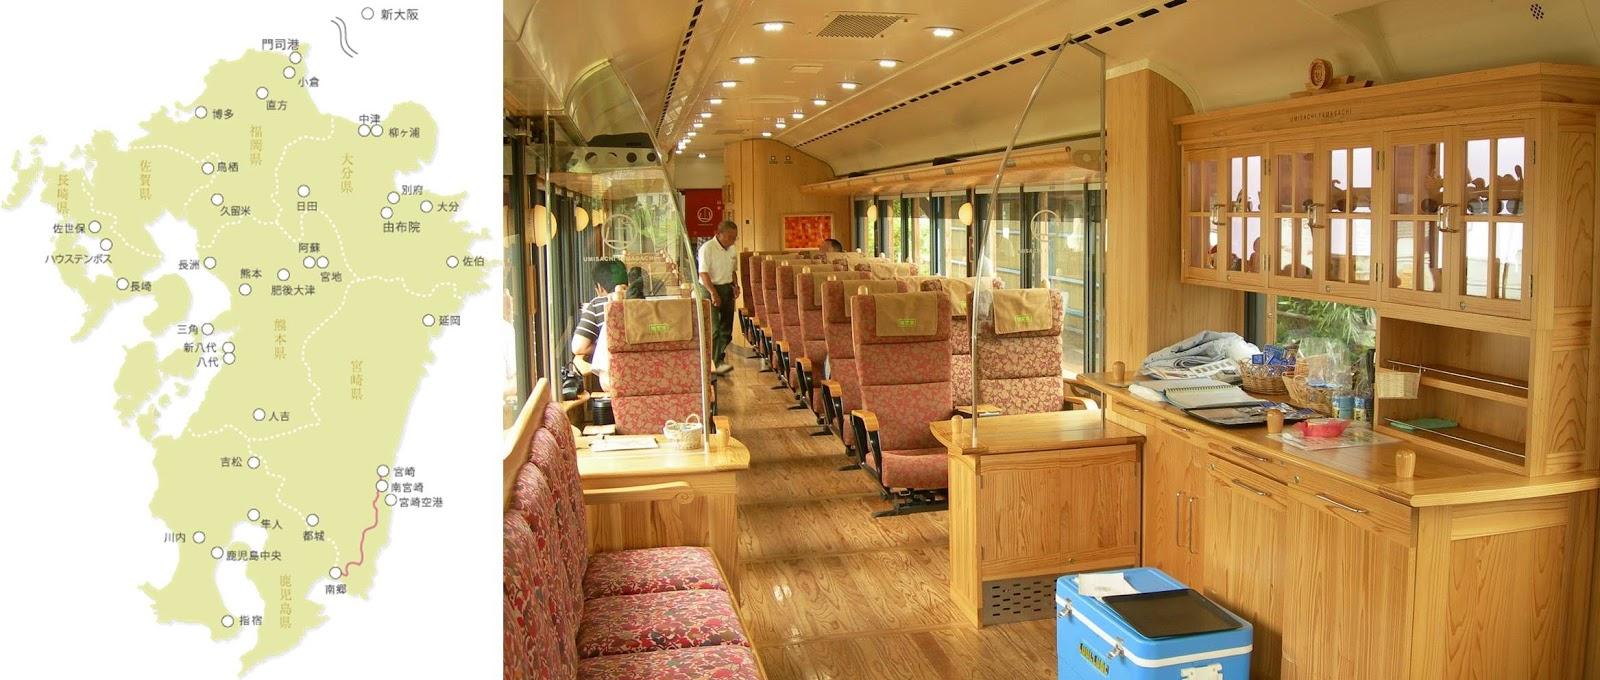 九州-特色觀光列車-推薦-D&S列車-山幸海幸-攻略-特色列車預訂-觀光列車-火車-JR-交通-Kyushu